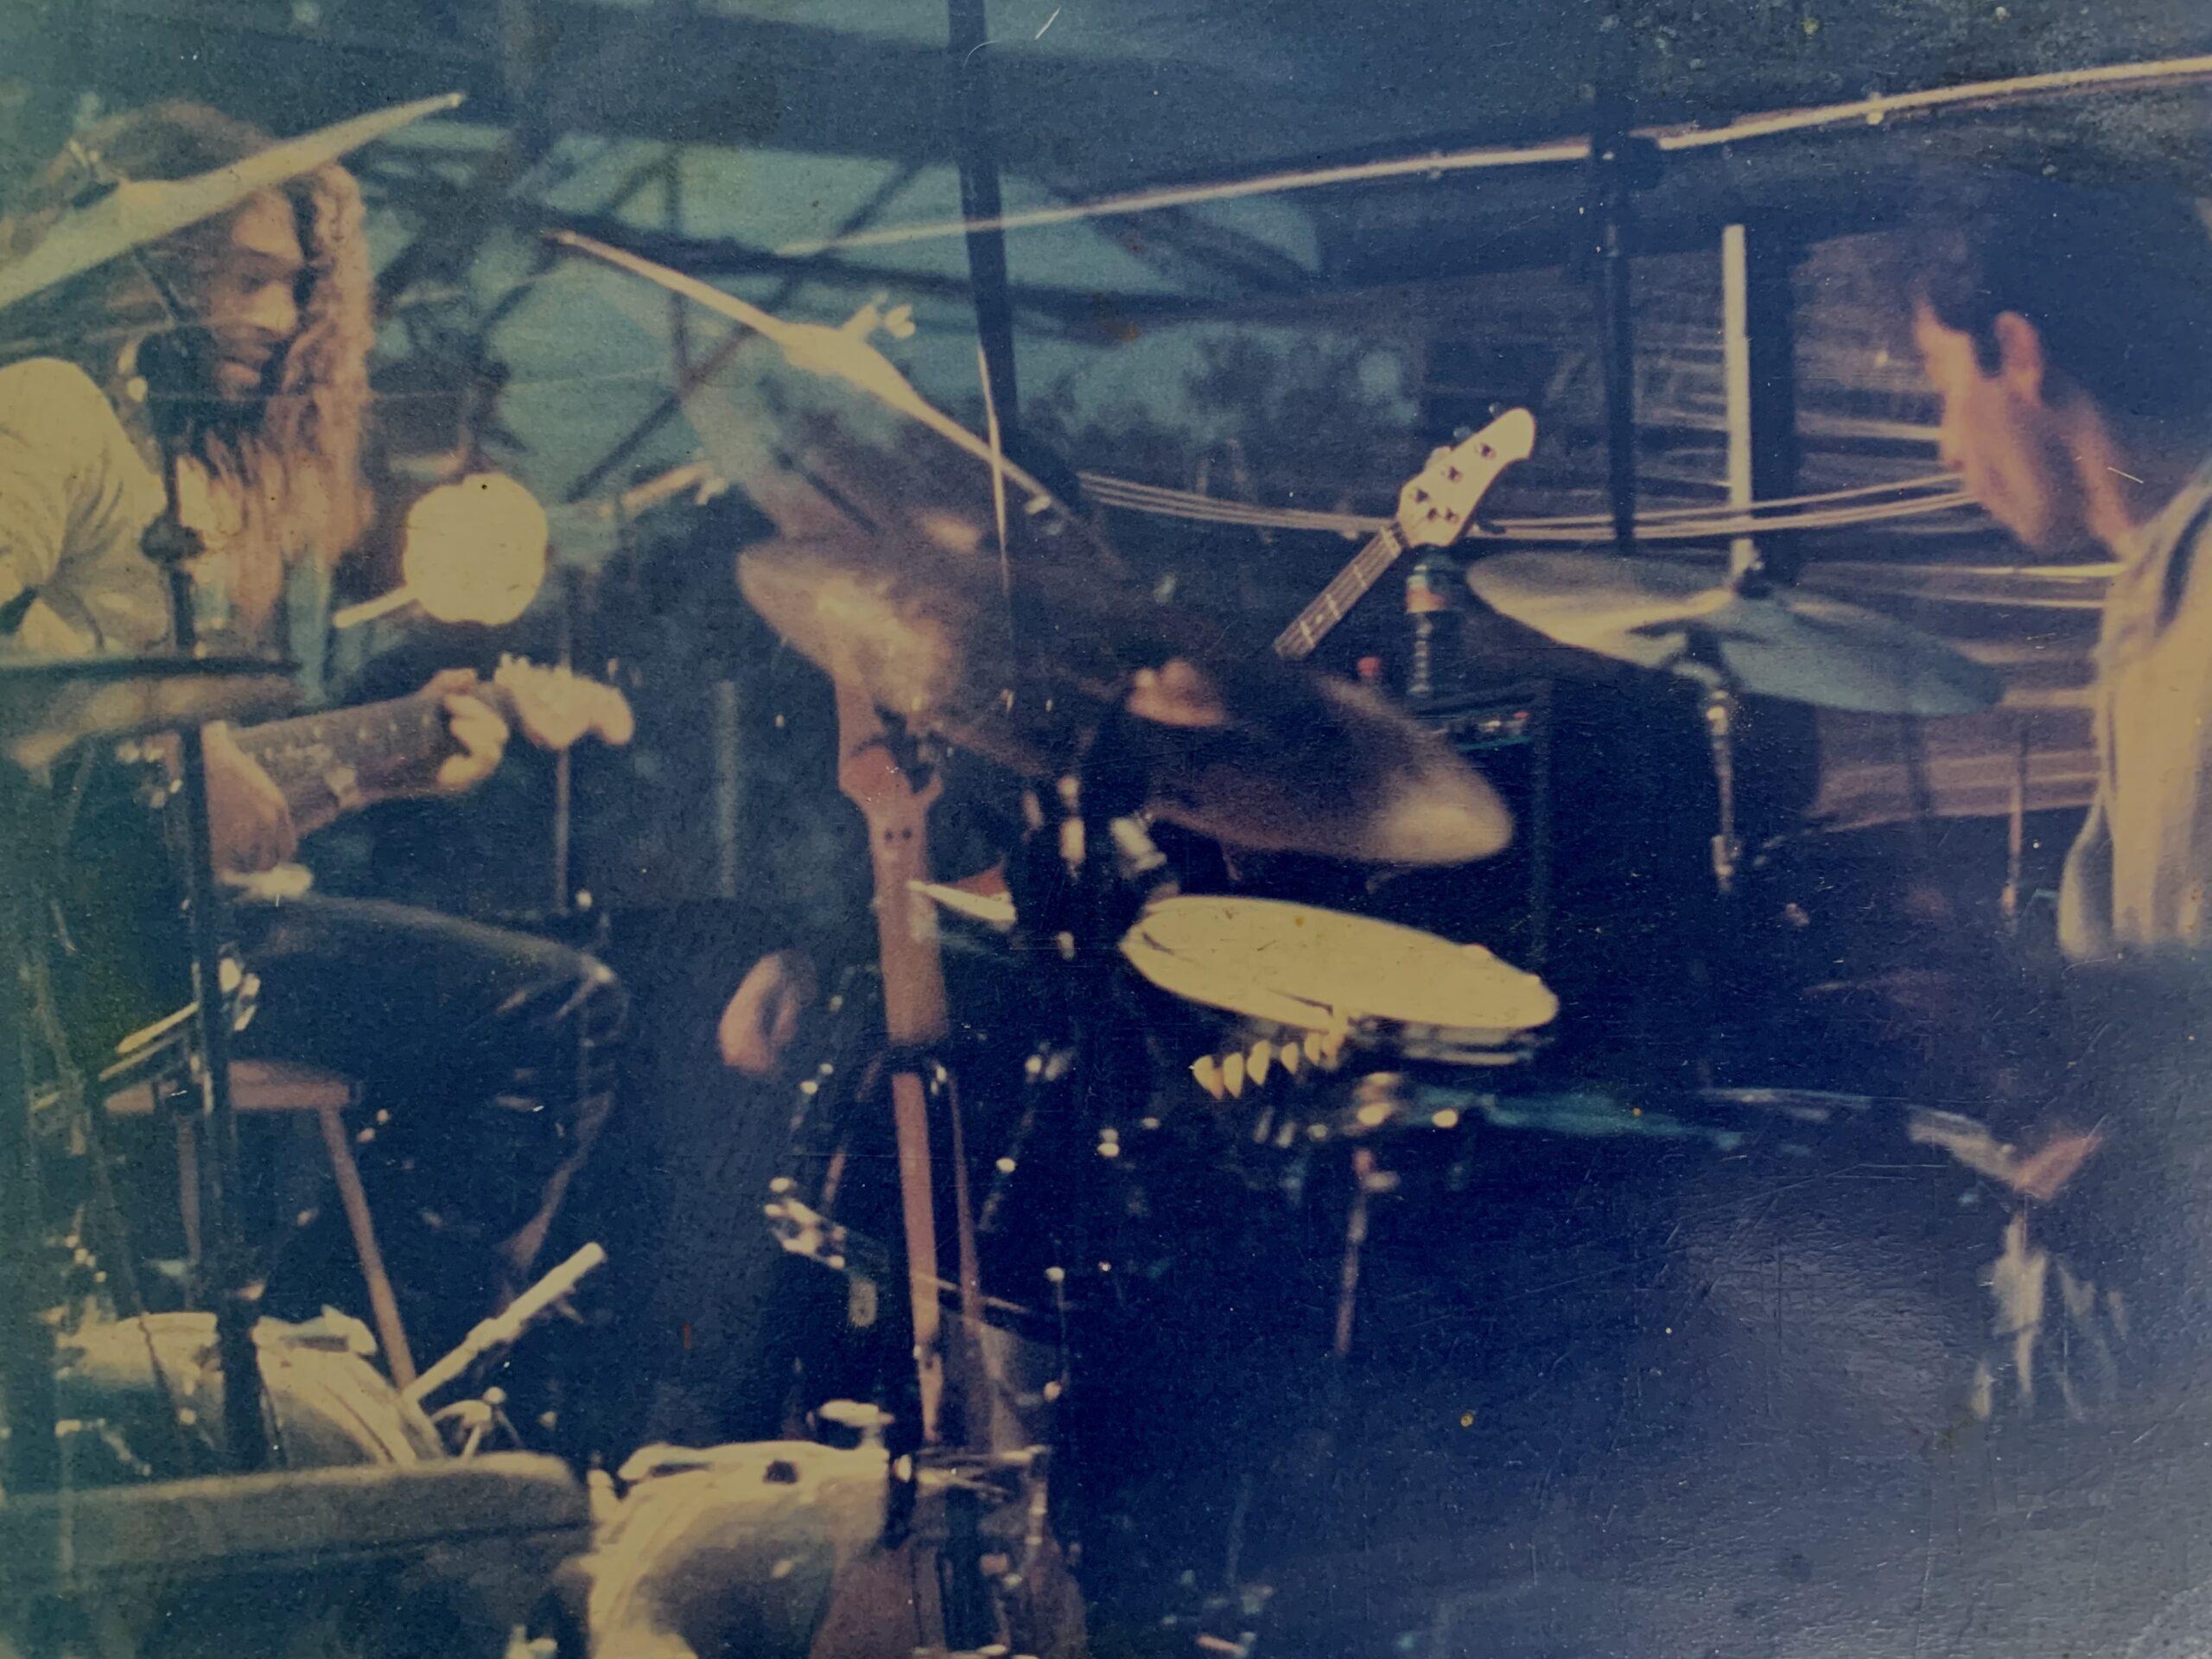 אמיר פרלמן בהופעה עם ההרכב ג'ז רוק המיתולוגי אר טי זי